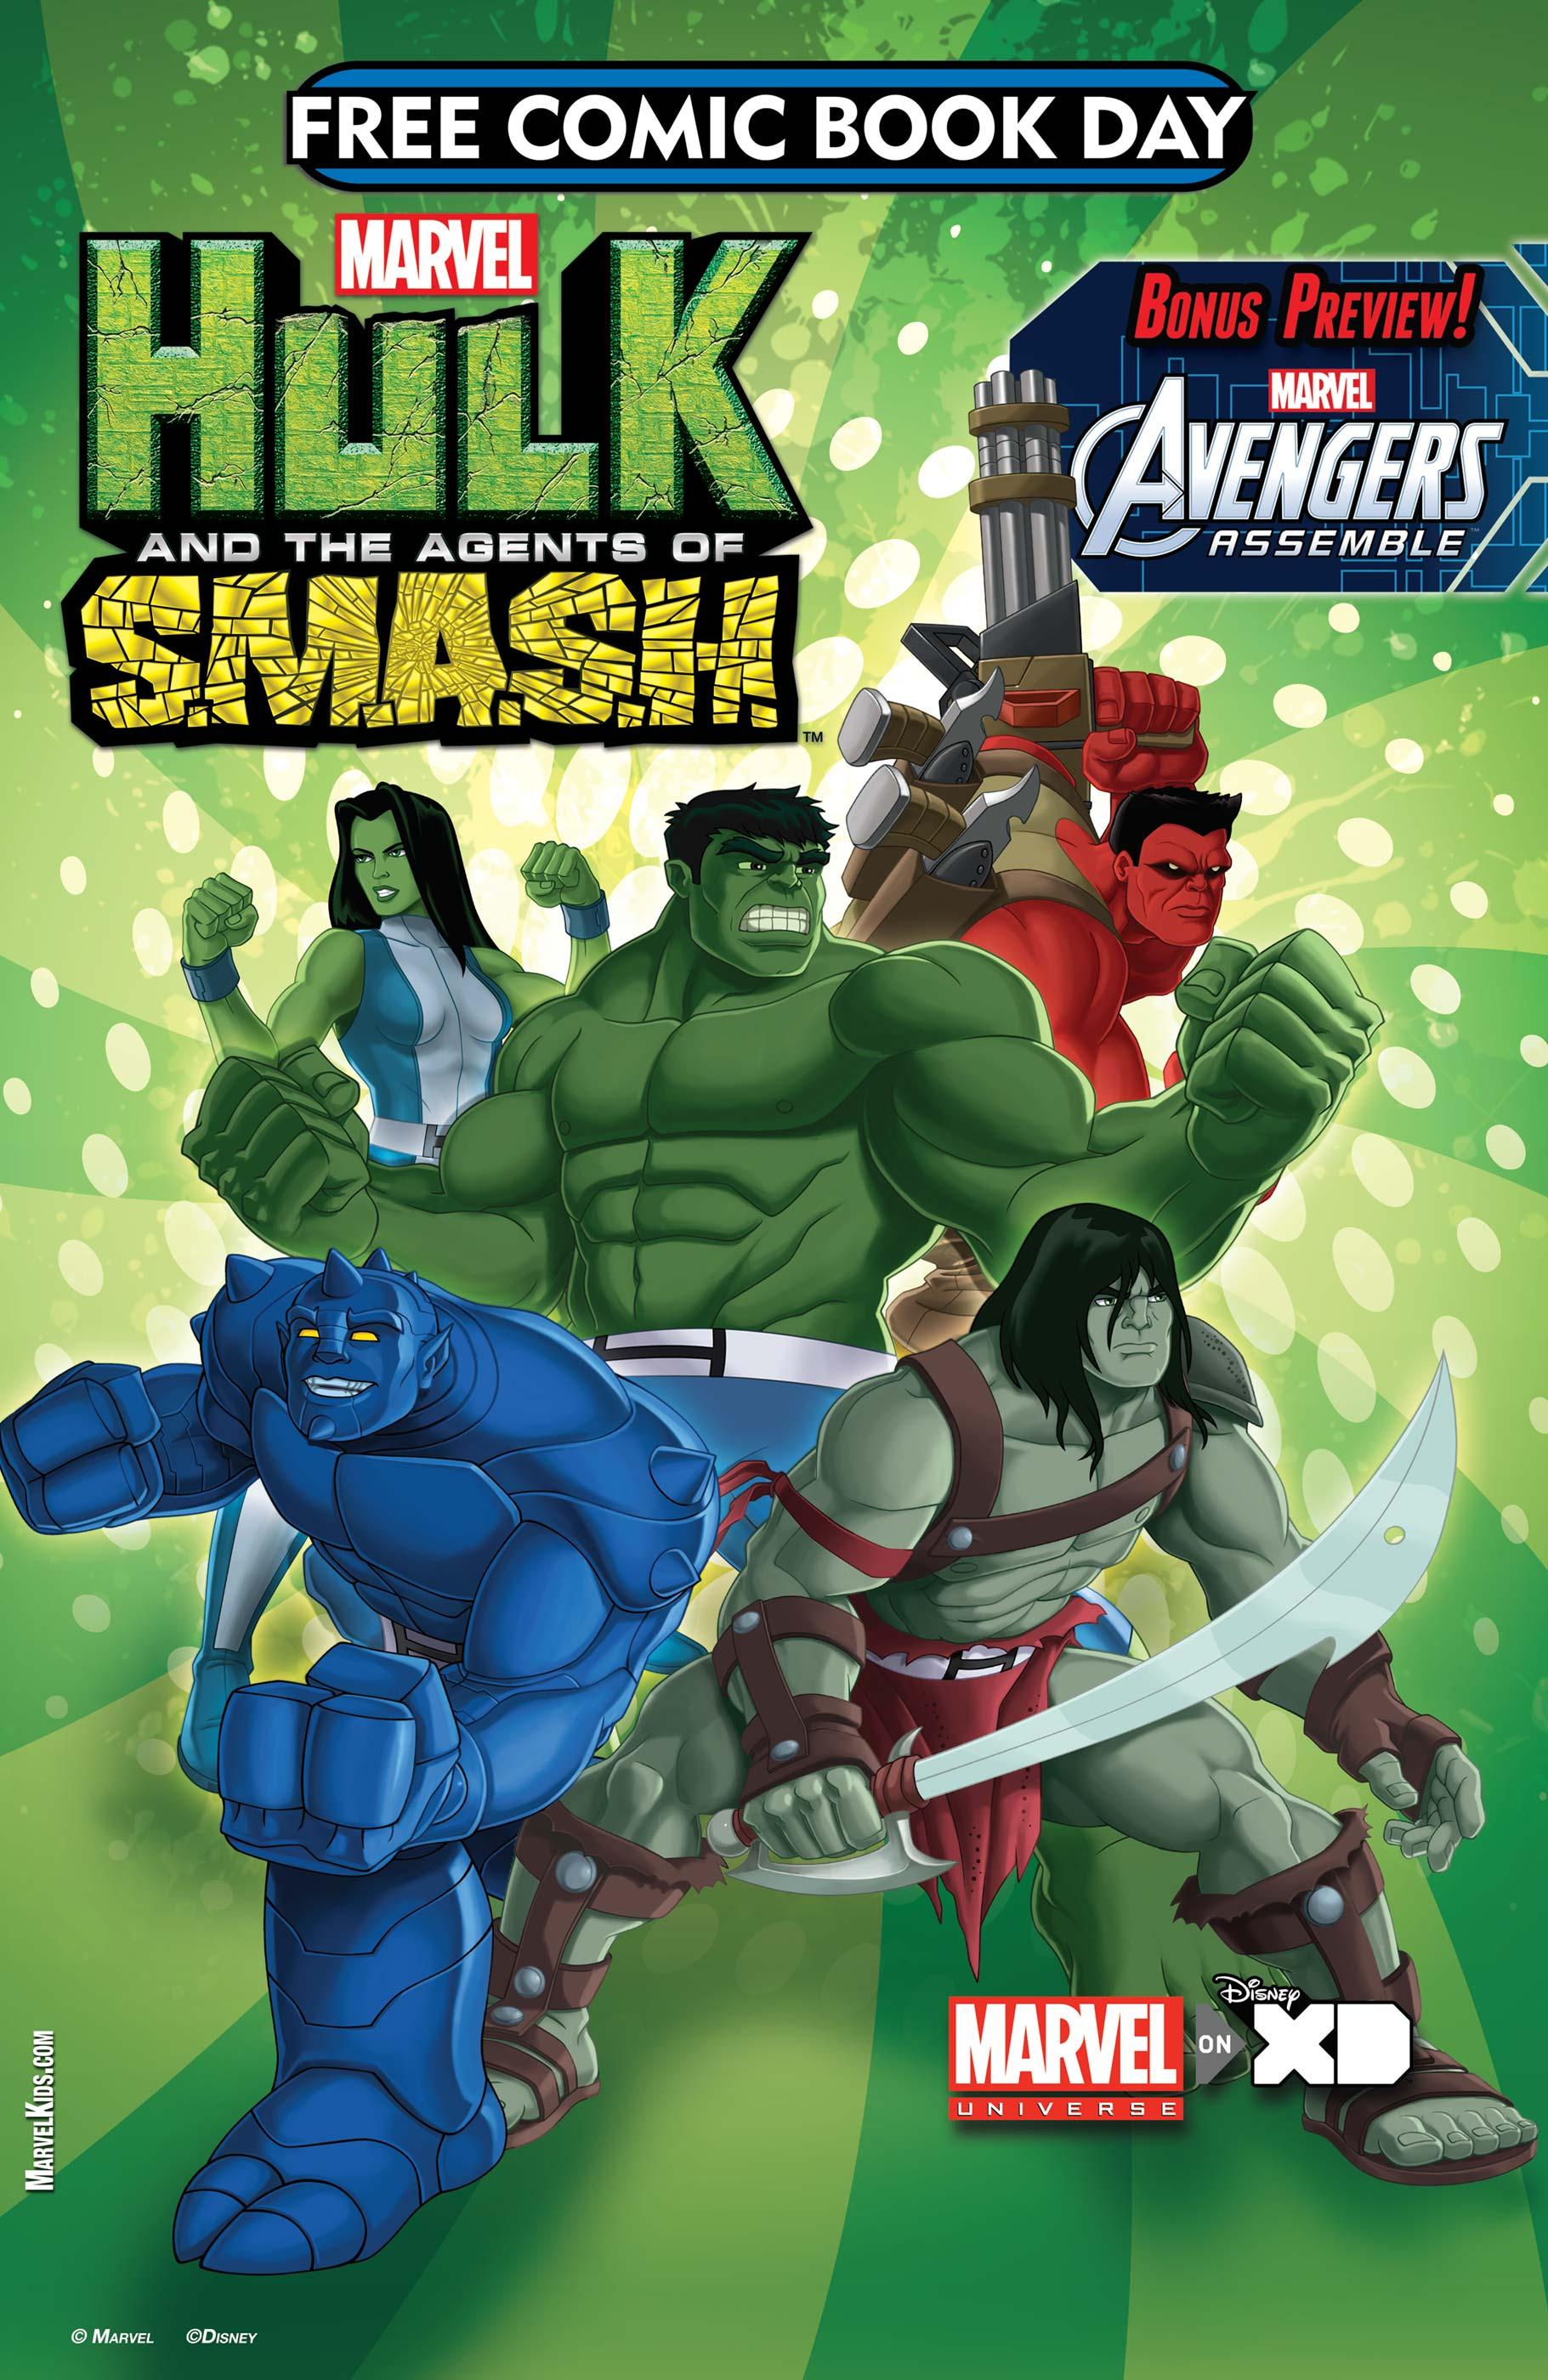 FREE COMIC BOOK DAY 2013 1 (2013) #1